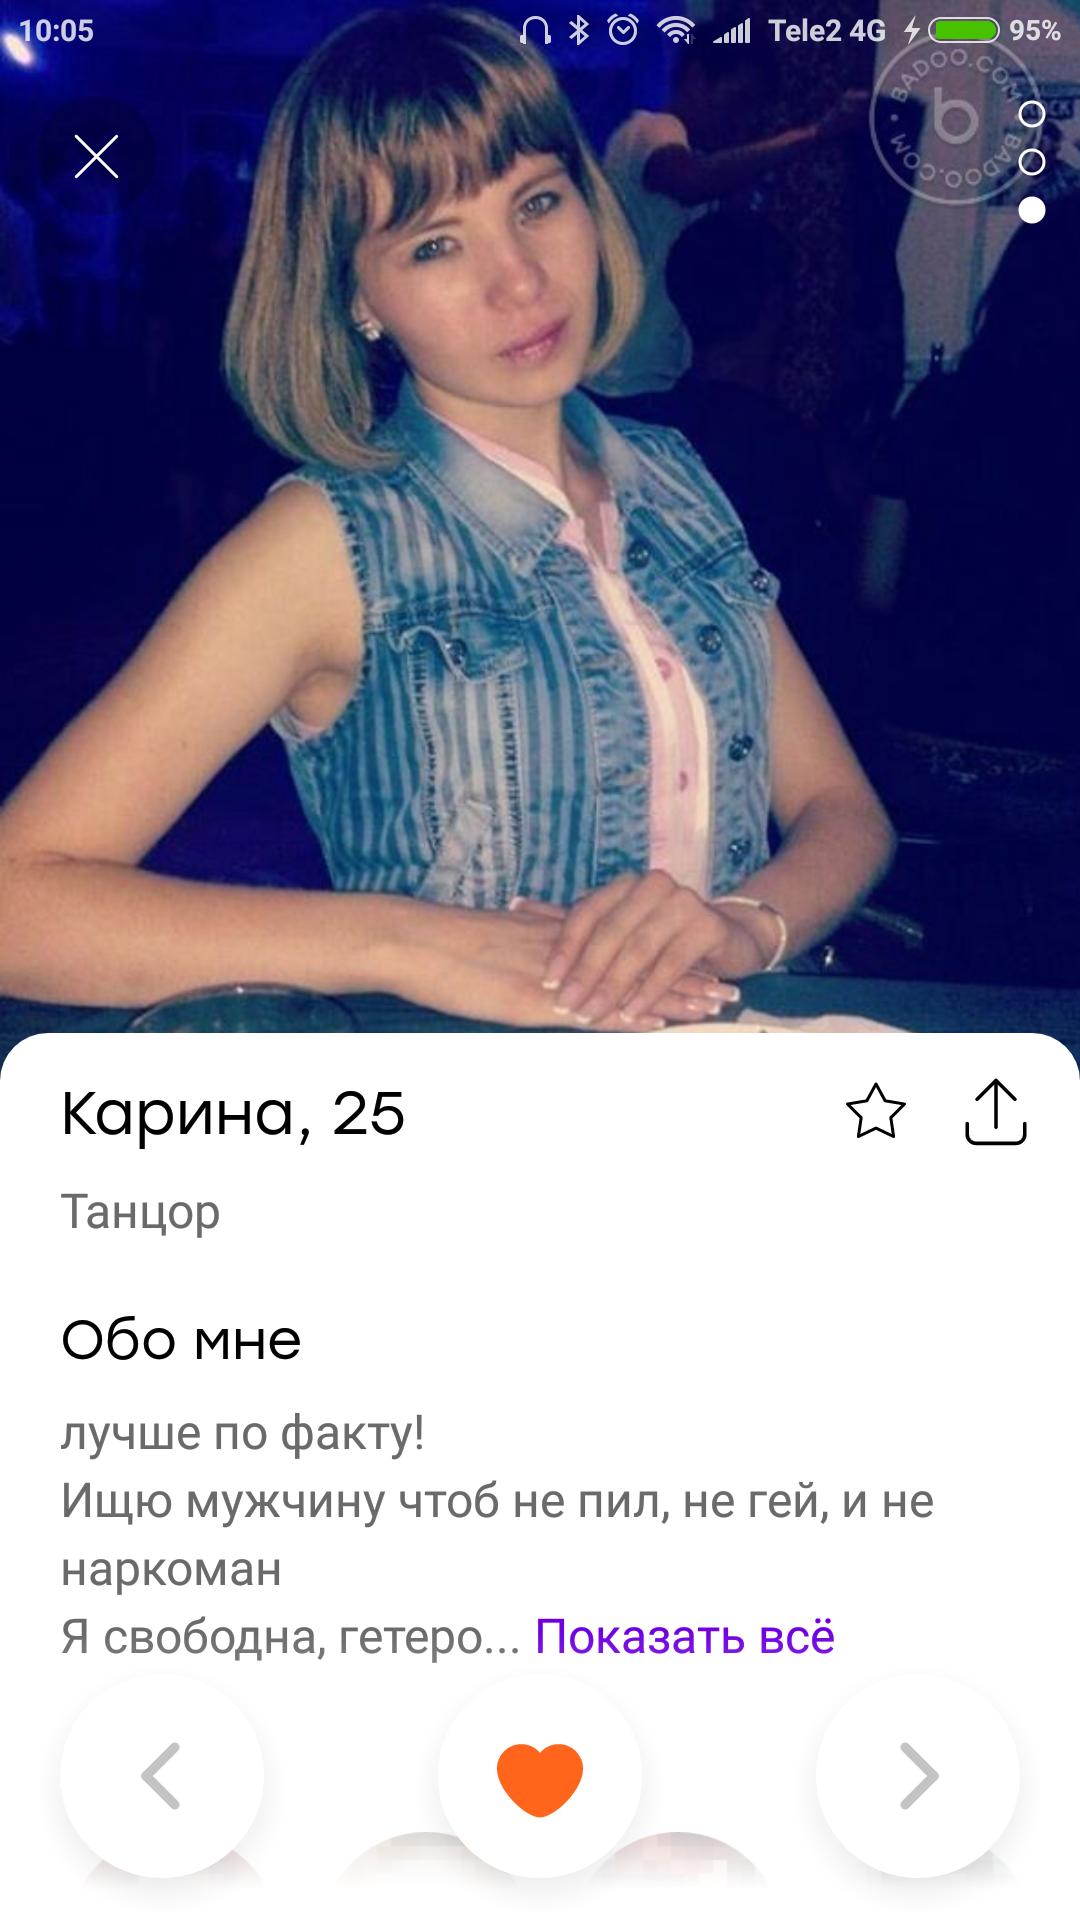 Девочка страпоном познакомится мужчине для секса